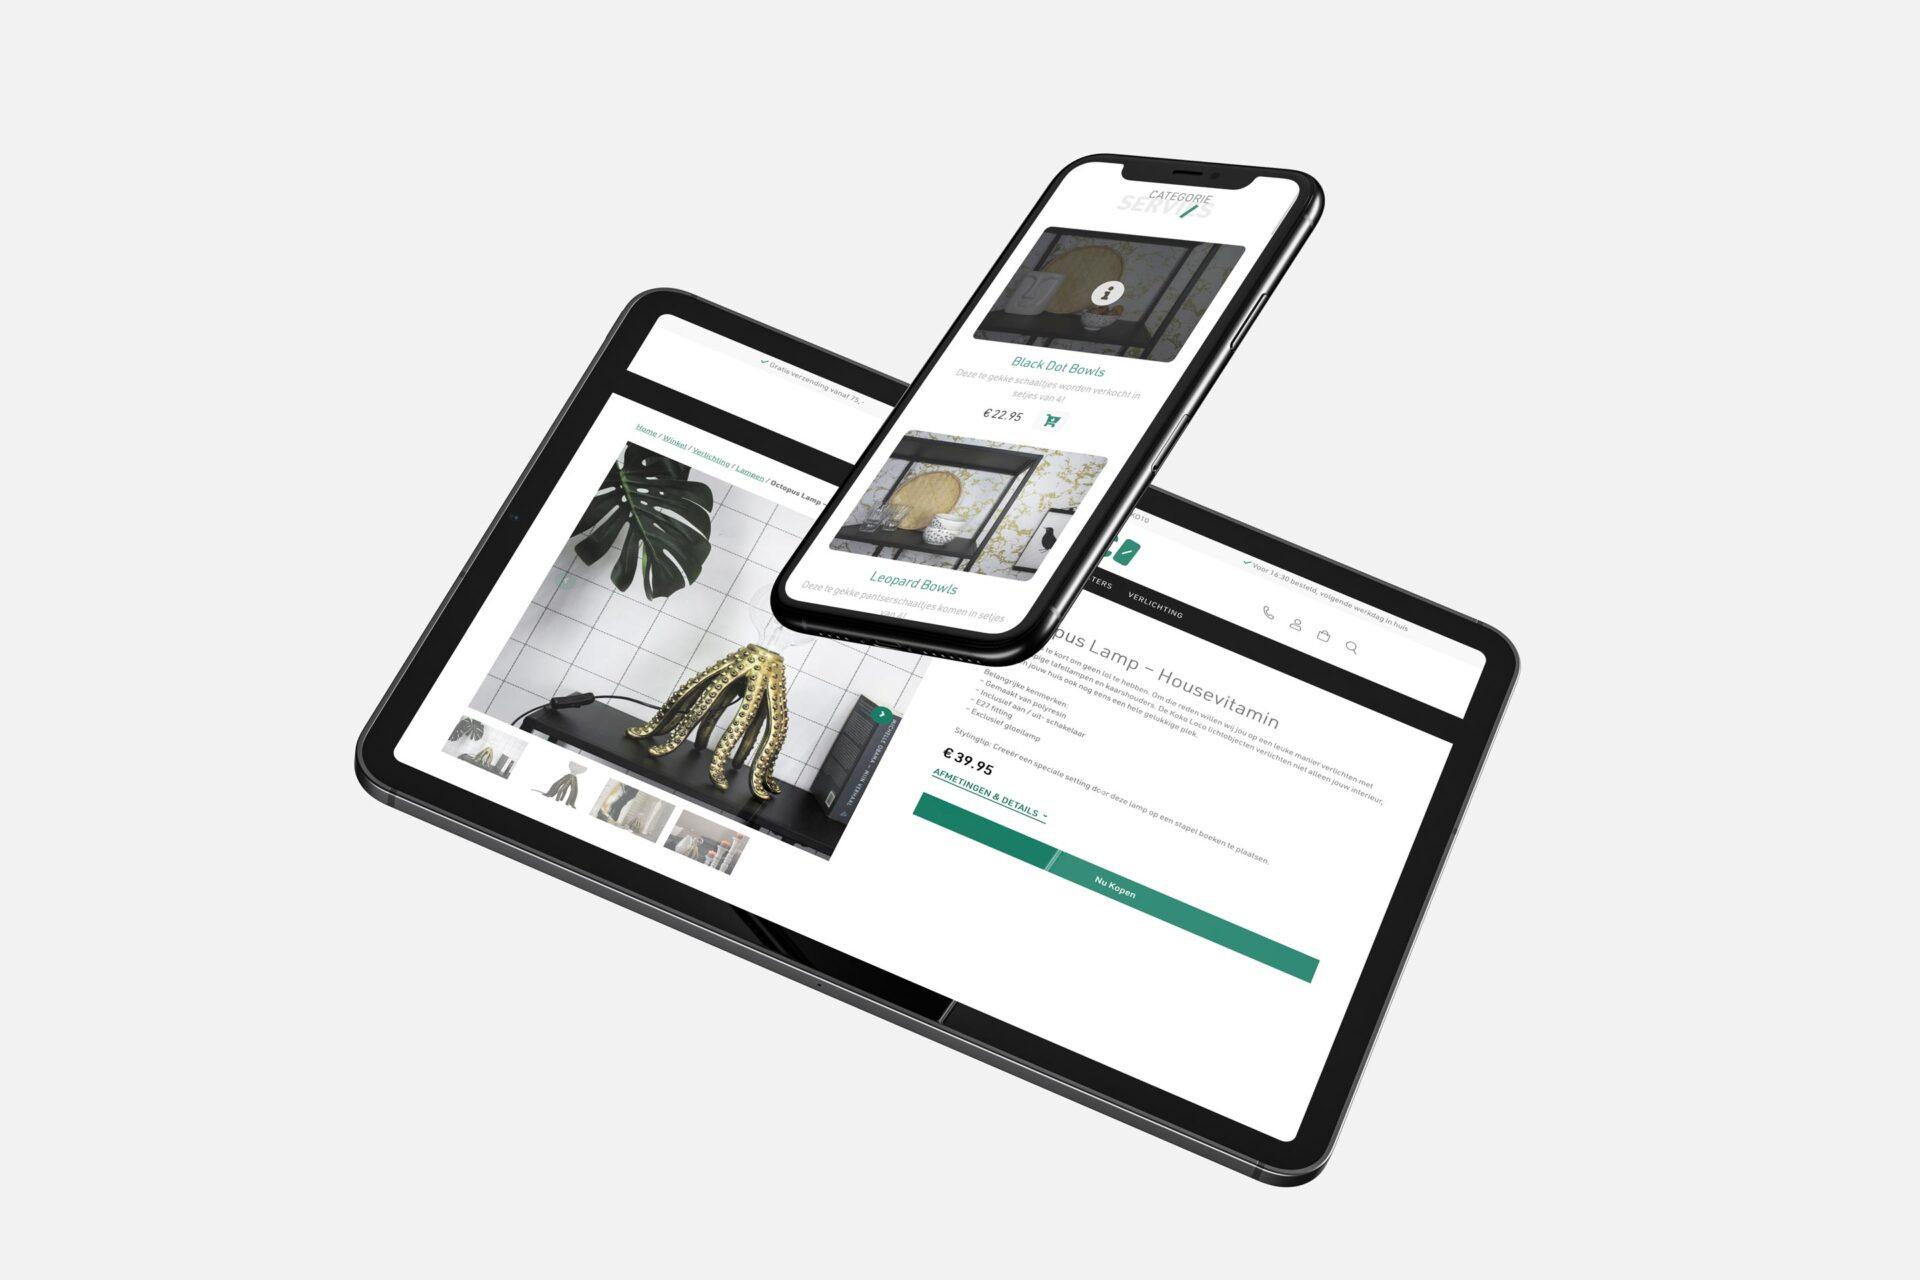 koko-loco-web-shop